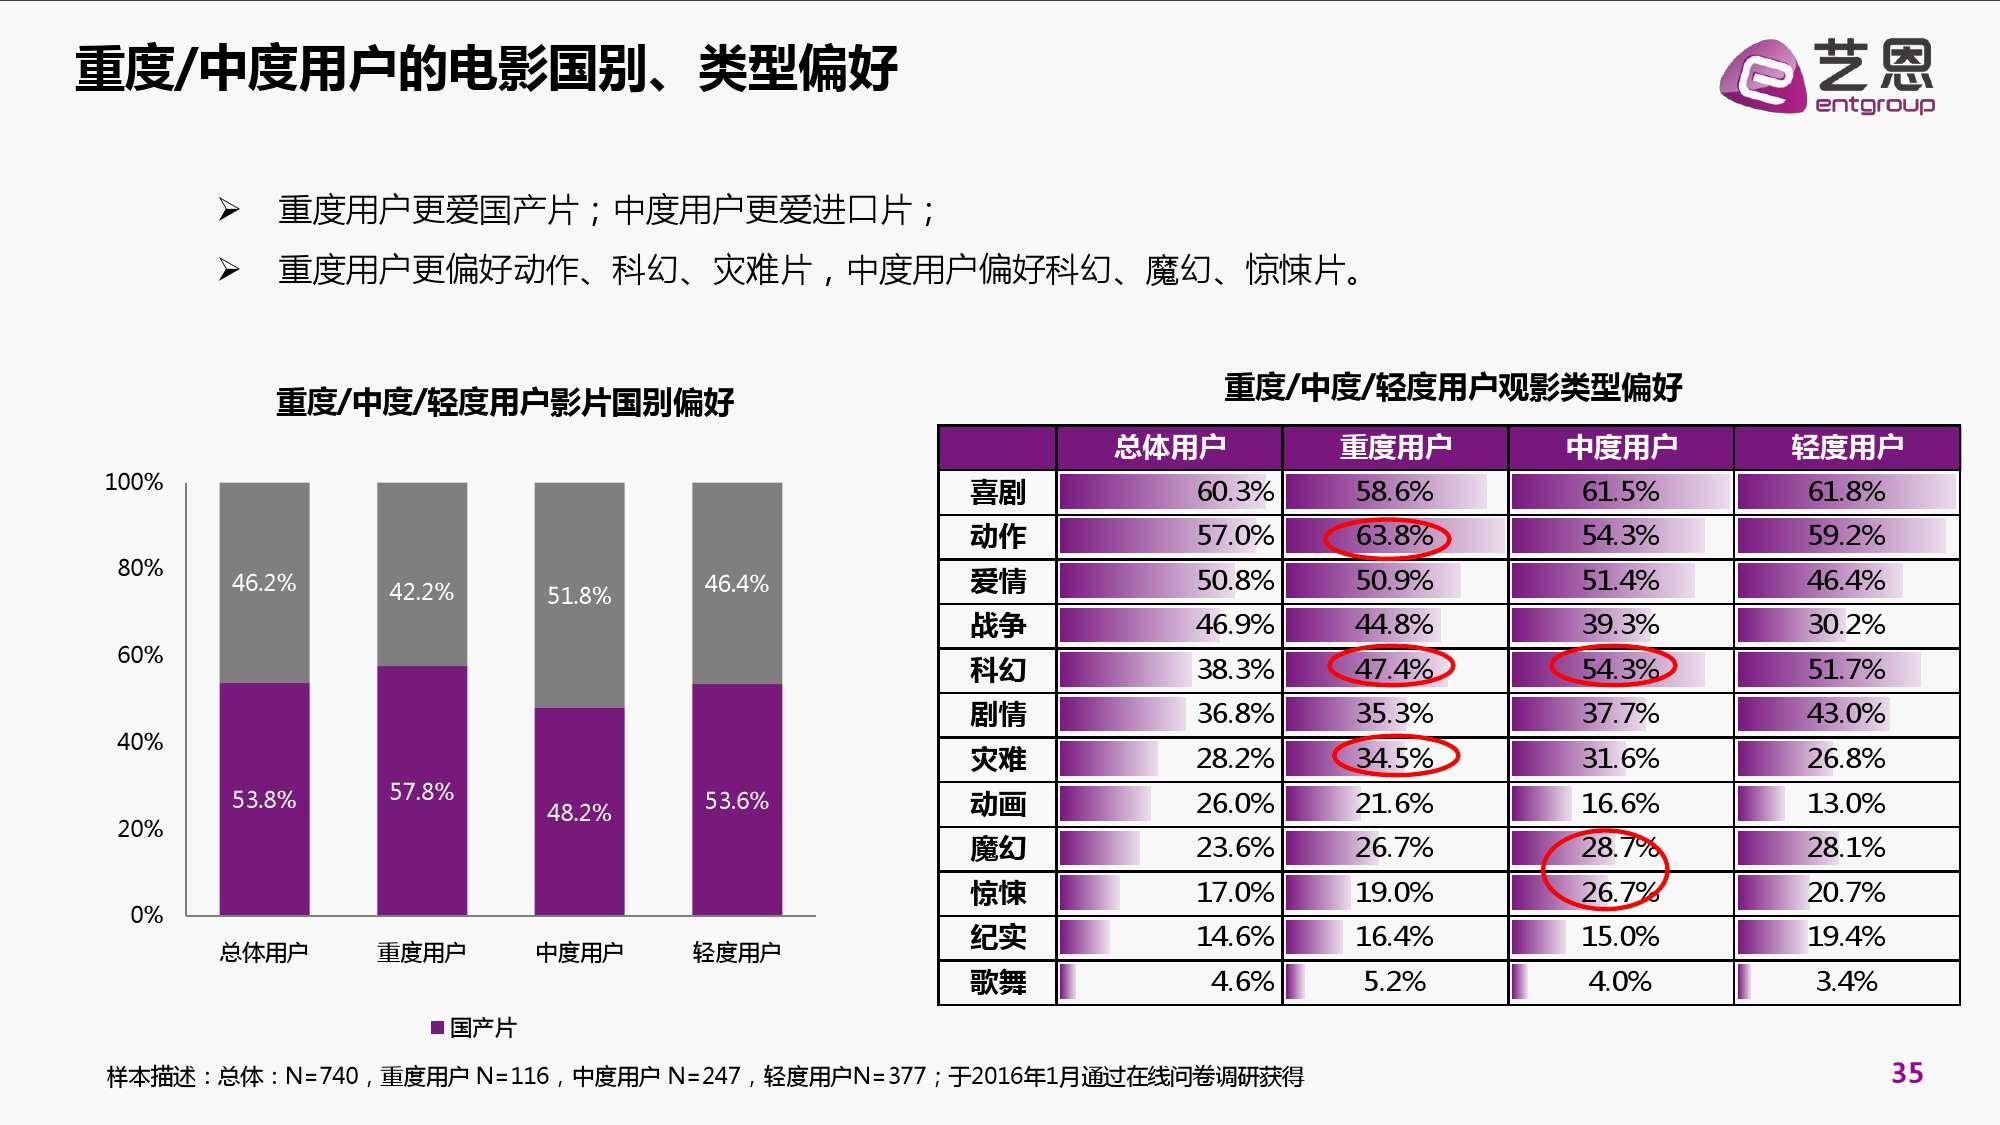 2016年中国电影在线票务市场研究报告_000035